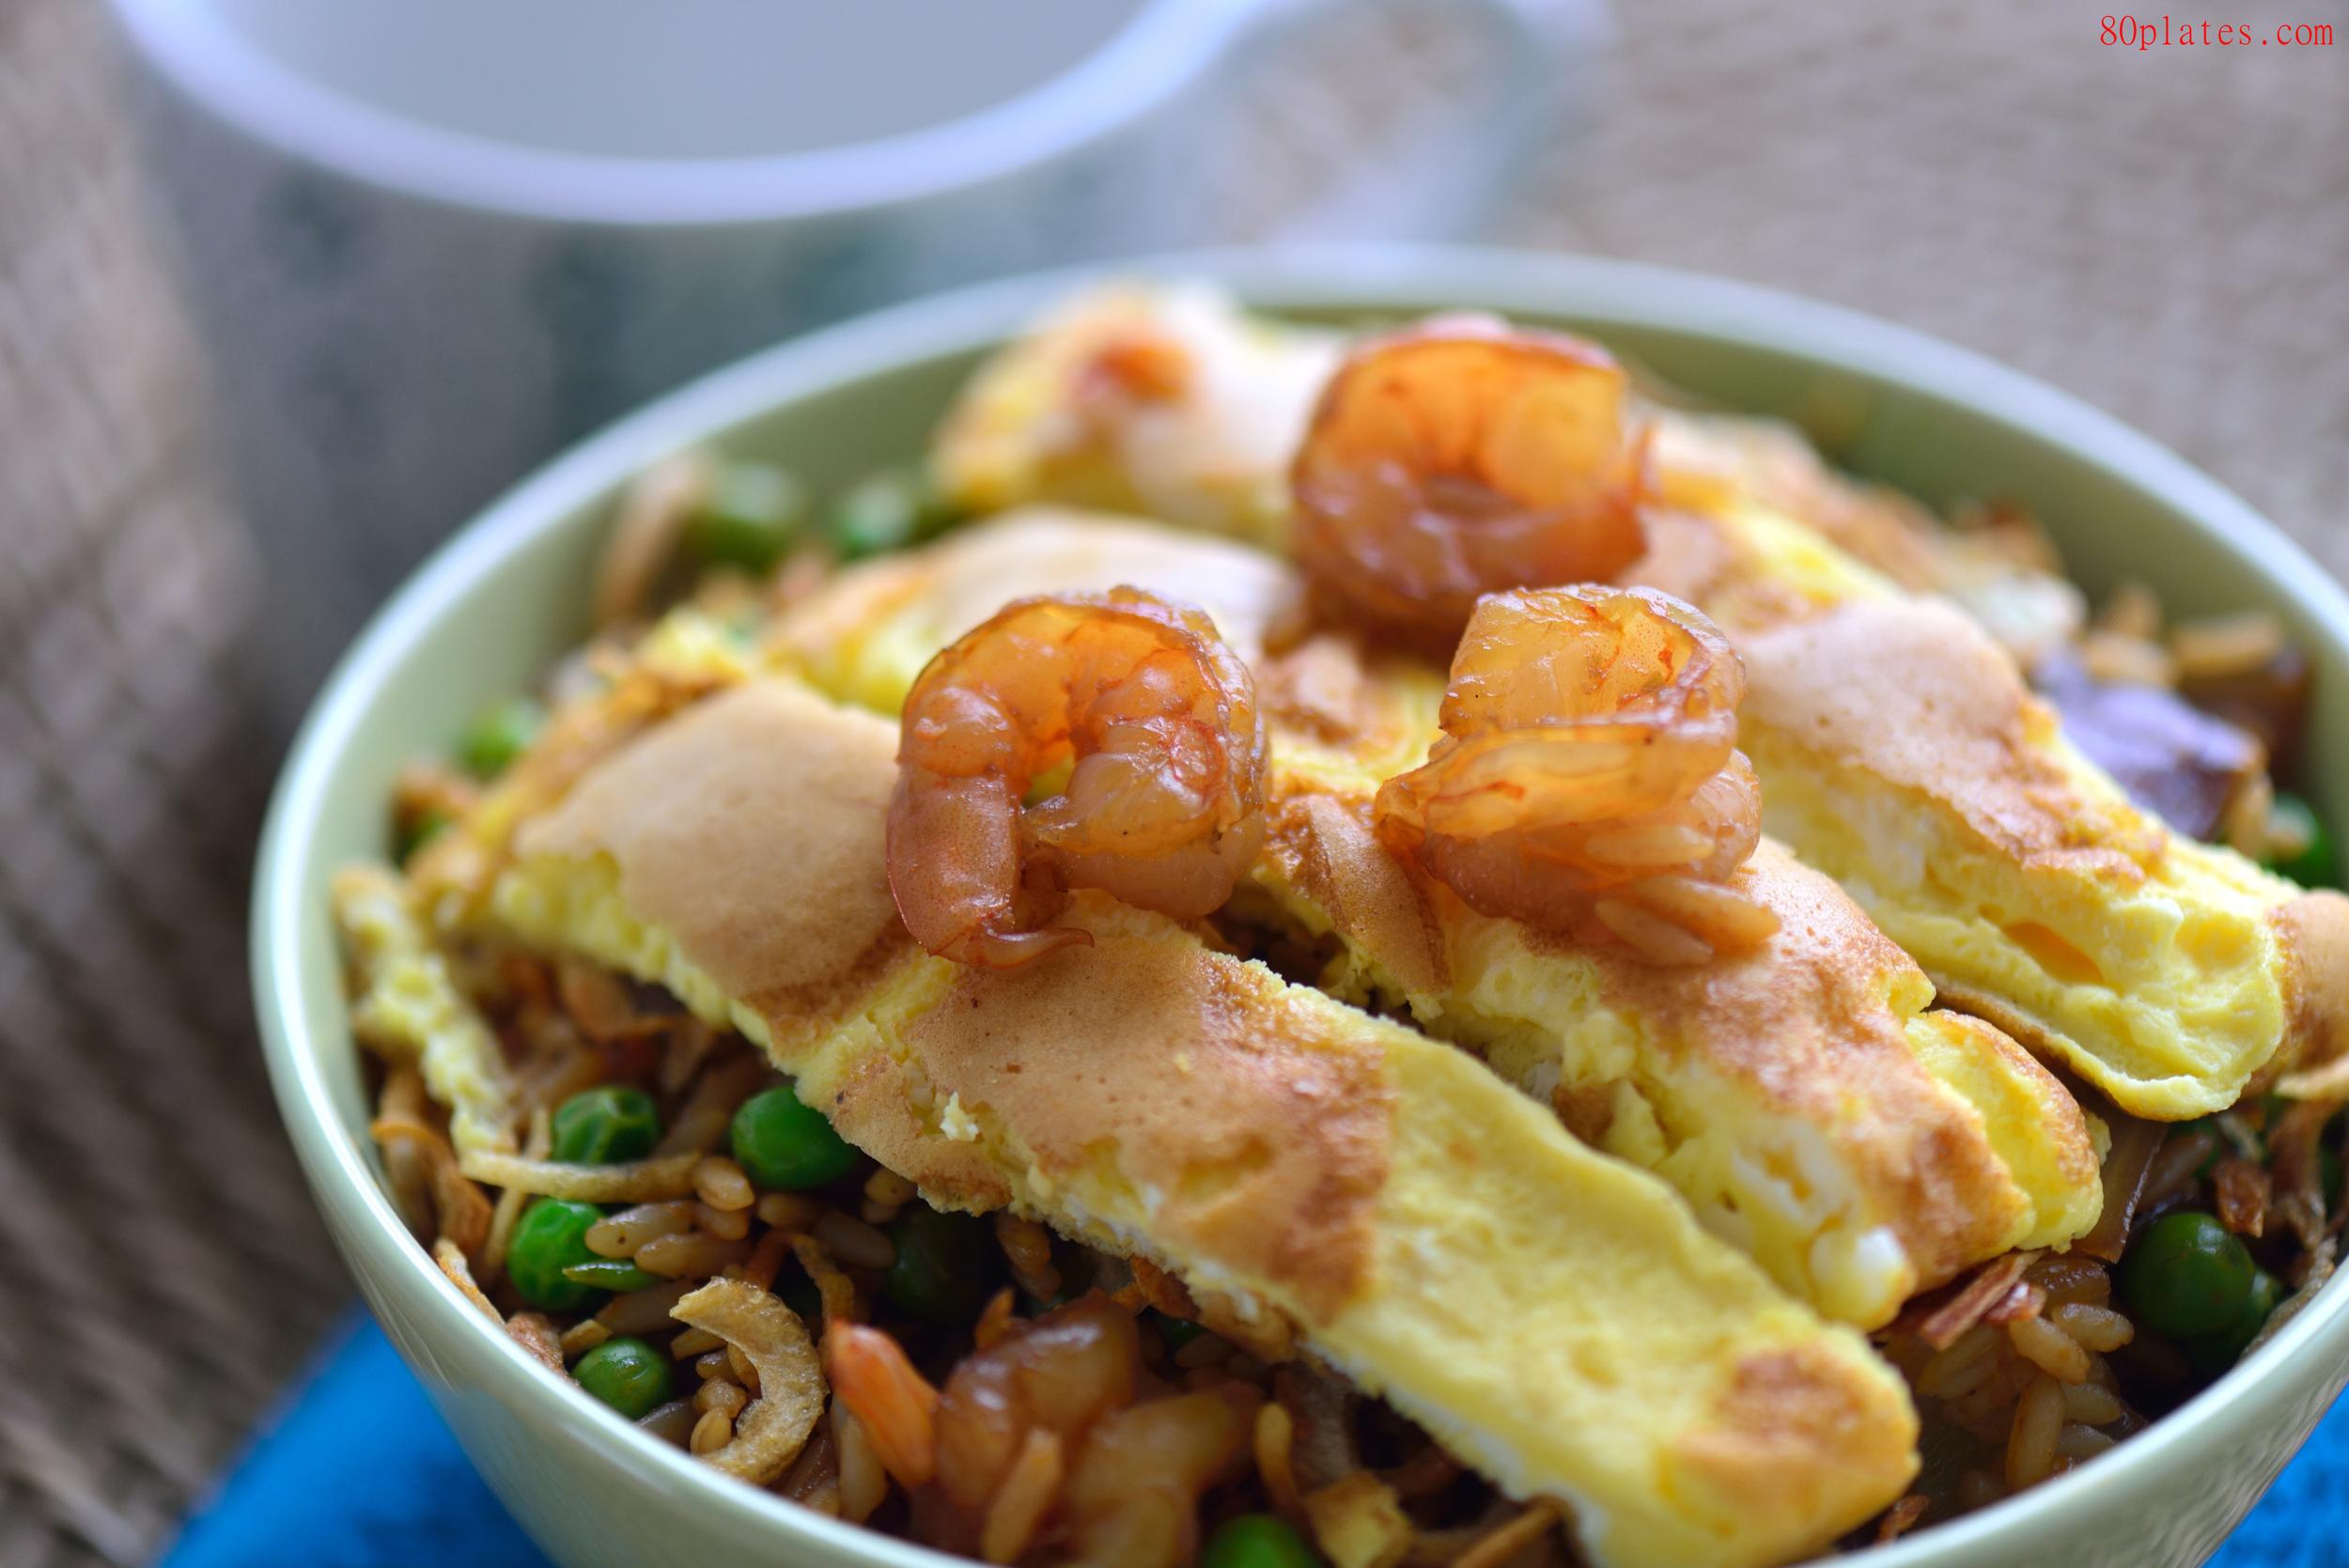 Indonesia - Nasi Goreng (Fried Rice)